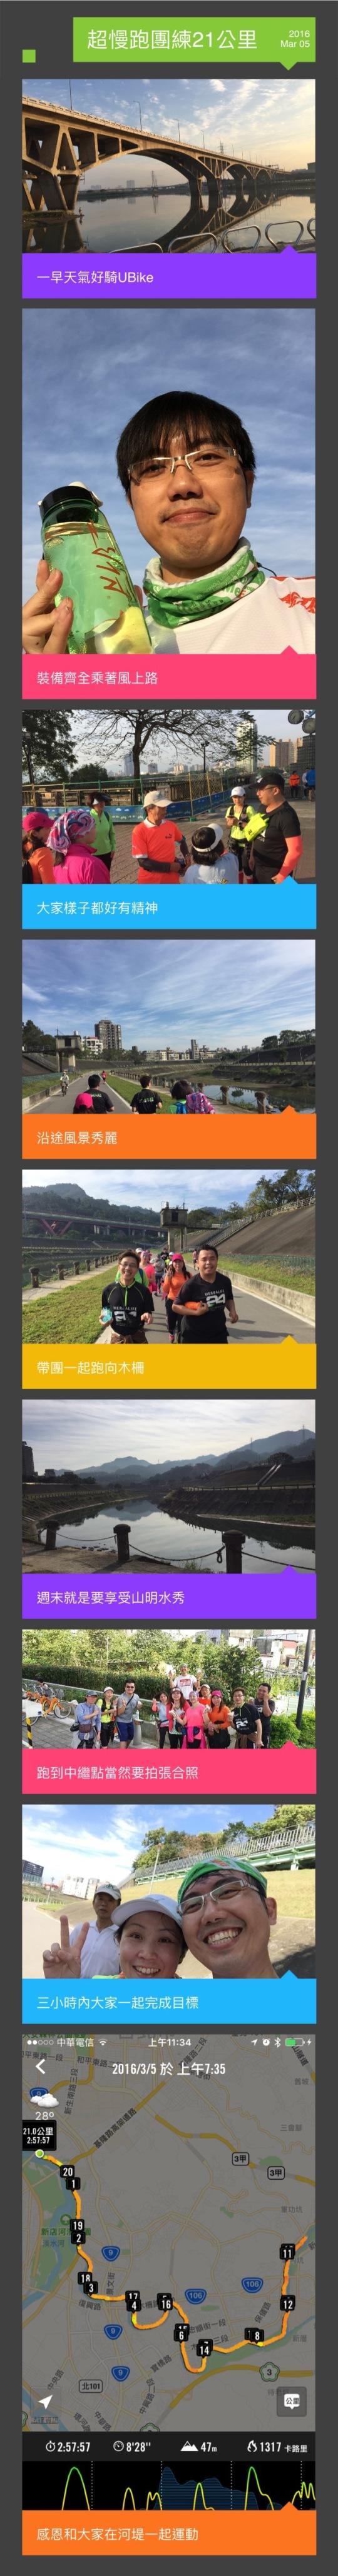 超慢跑團練21公里.jpg